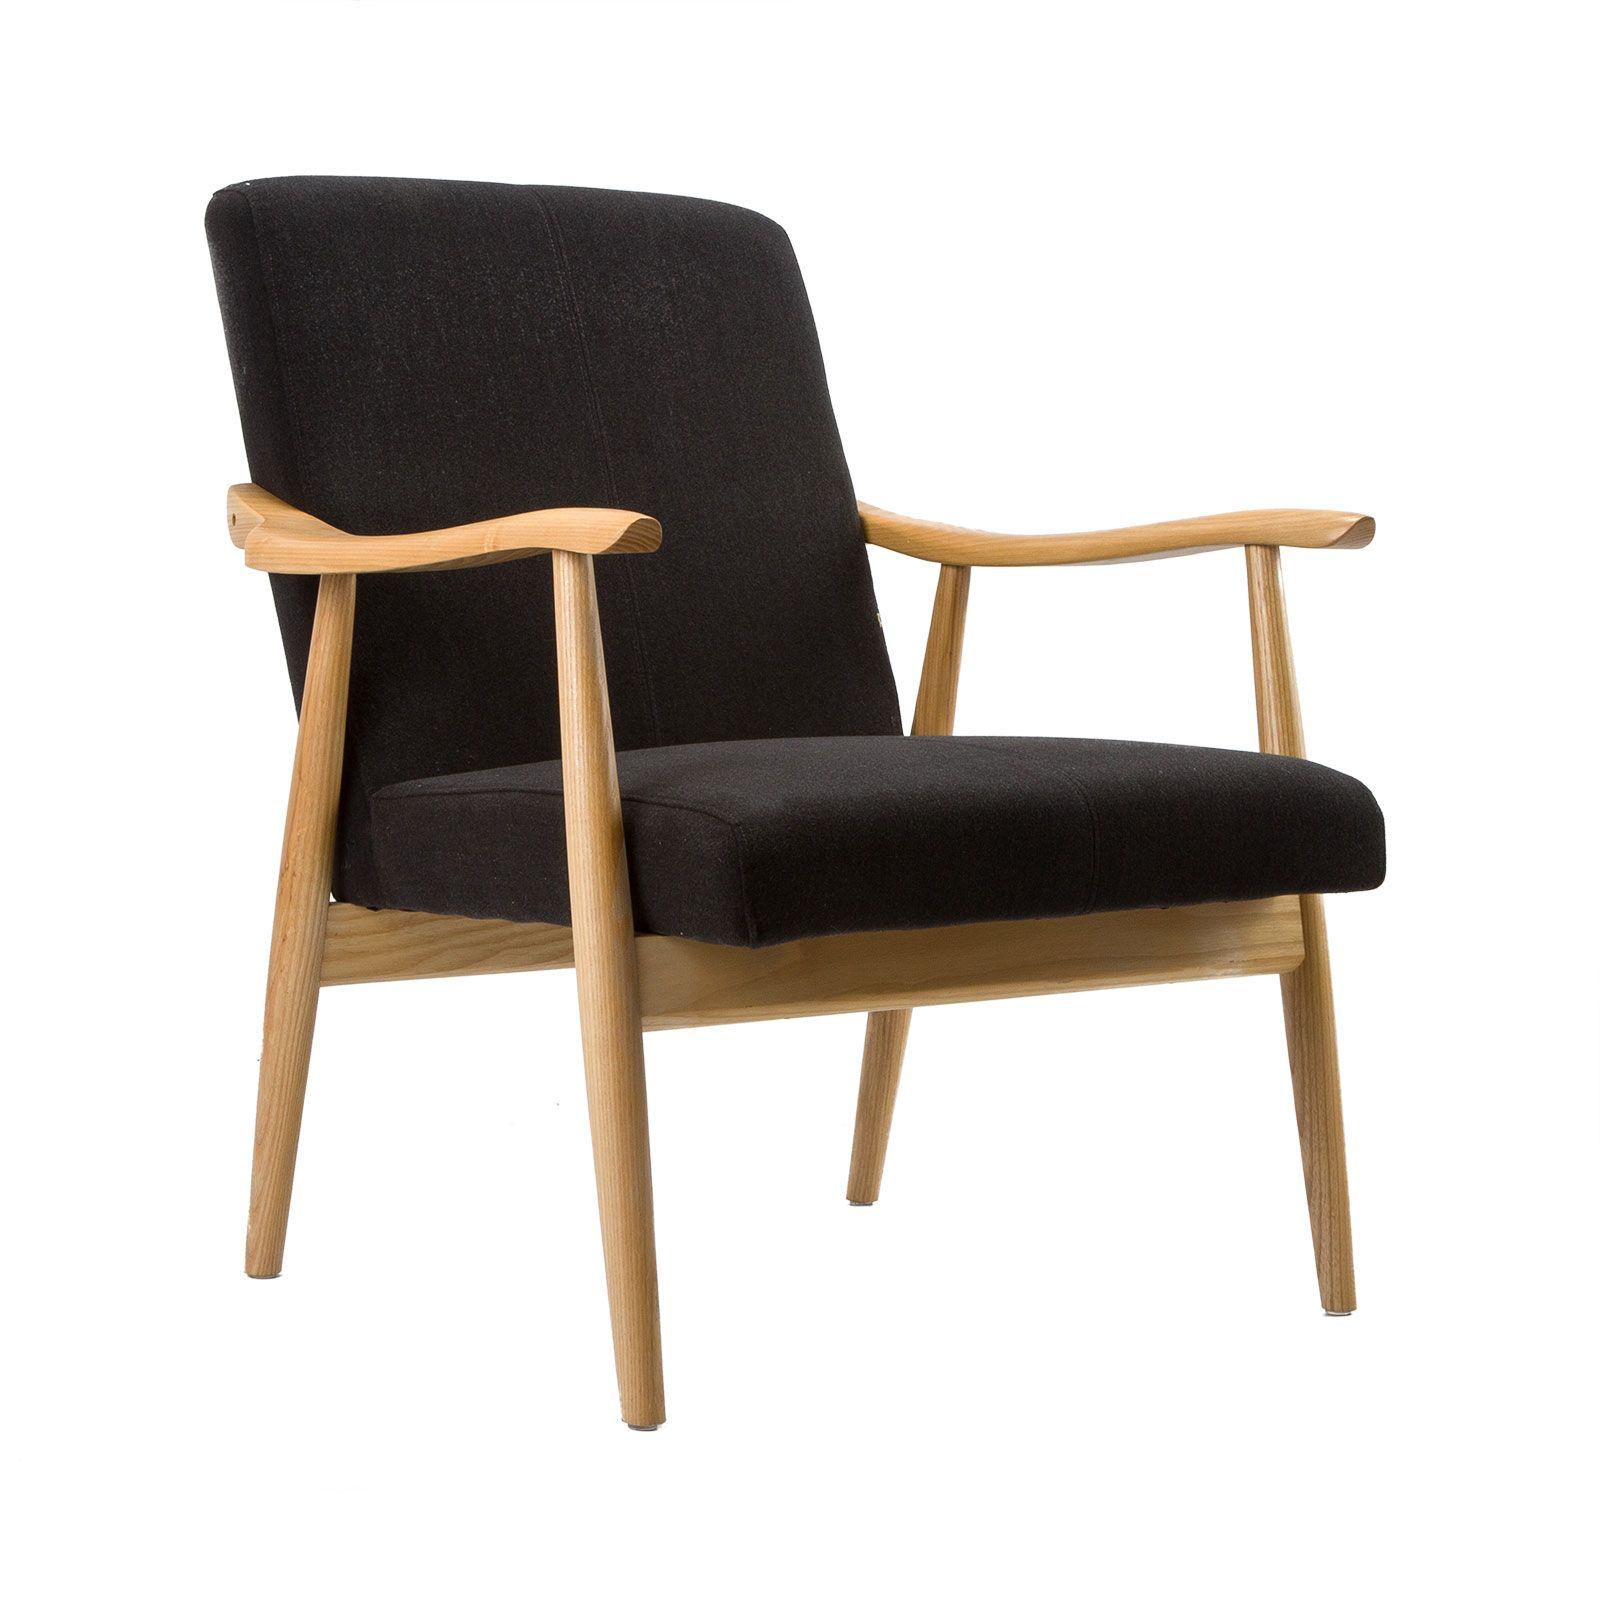 Modern arm chair - Modern Arm Chair Modern Armchair Zaraarmchairstylishcontemporarymodern Designerhighqualitystylishcomfortablefurnituresectionalsofaarmchair